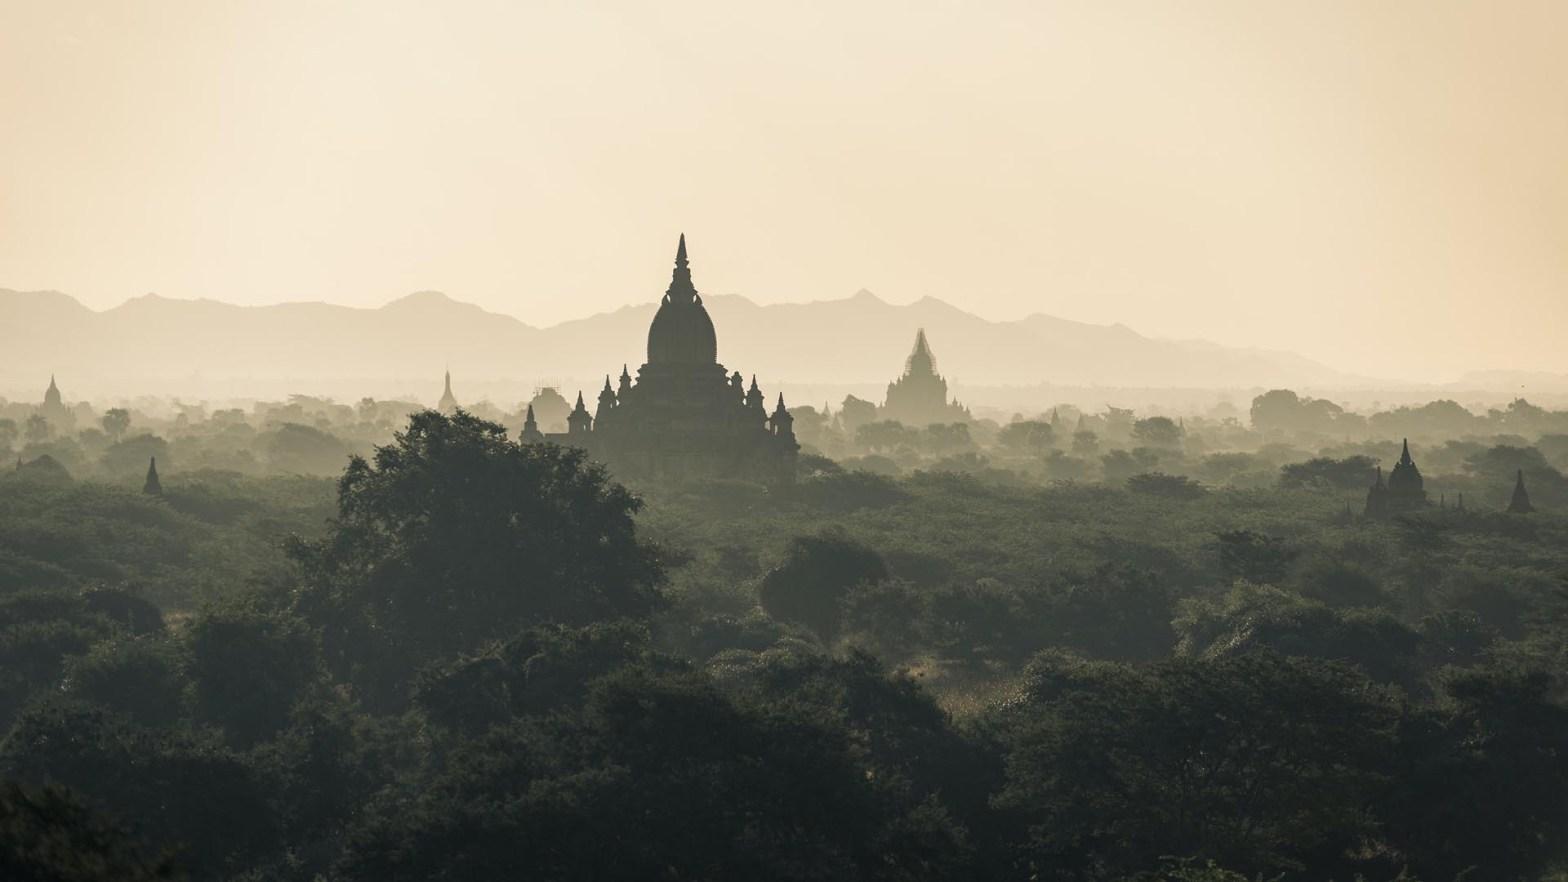 La città di Bagan in Myanmar